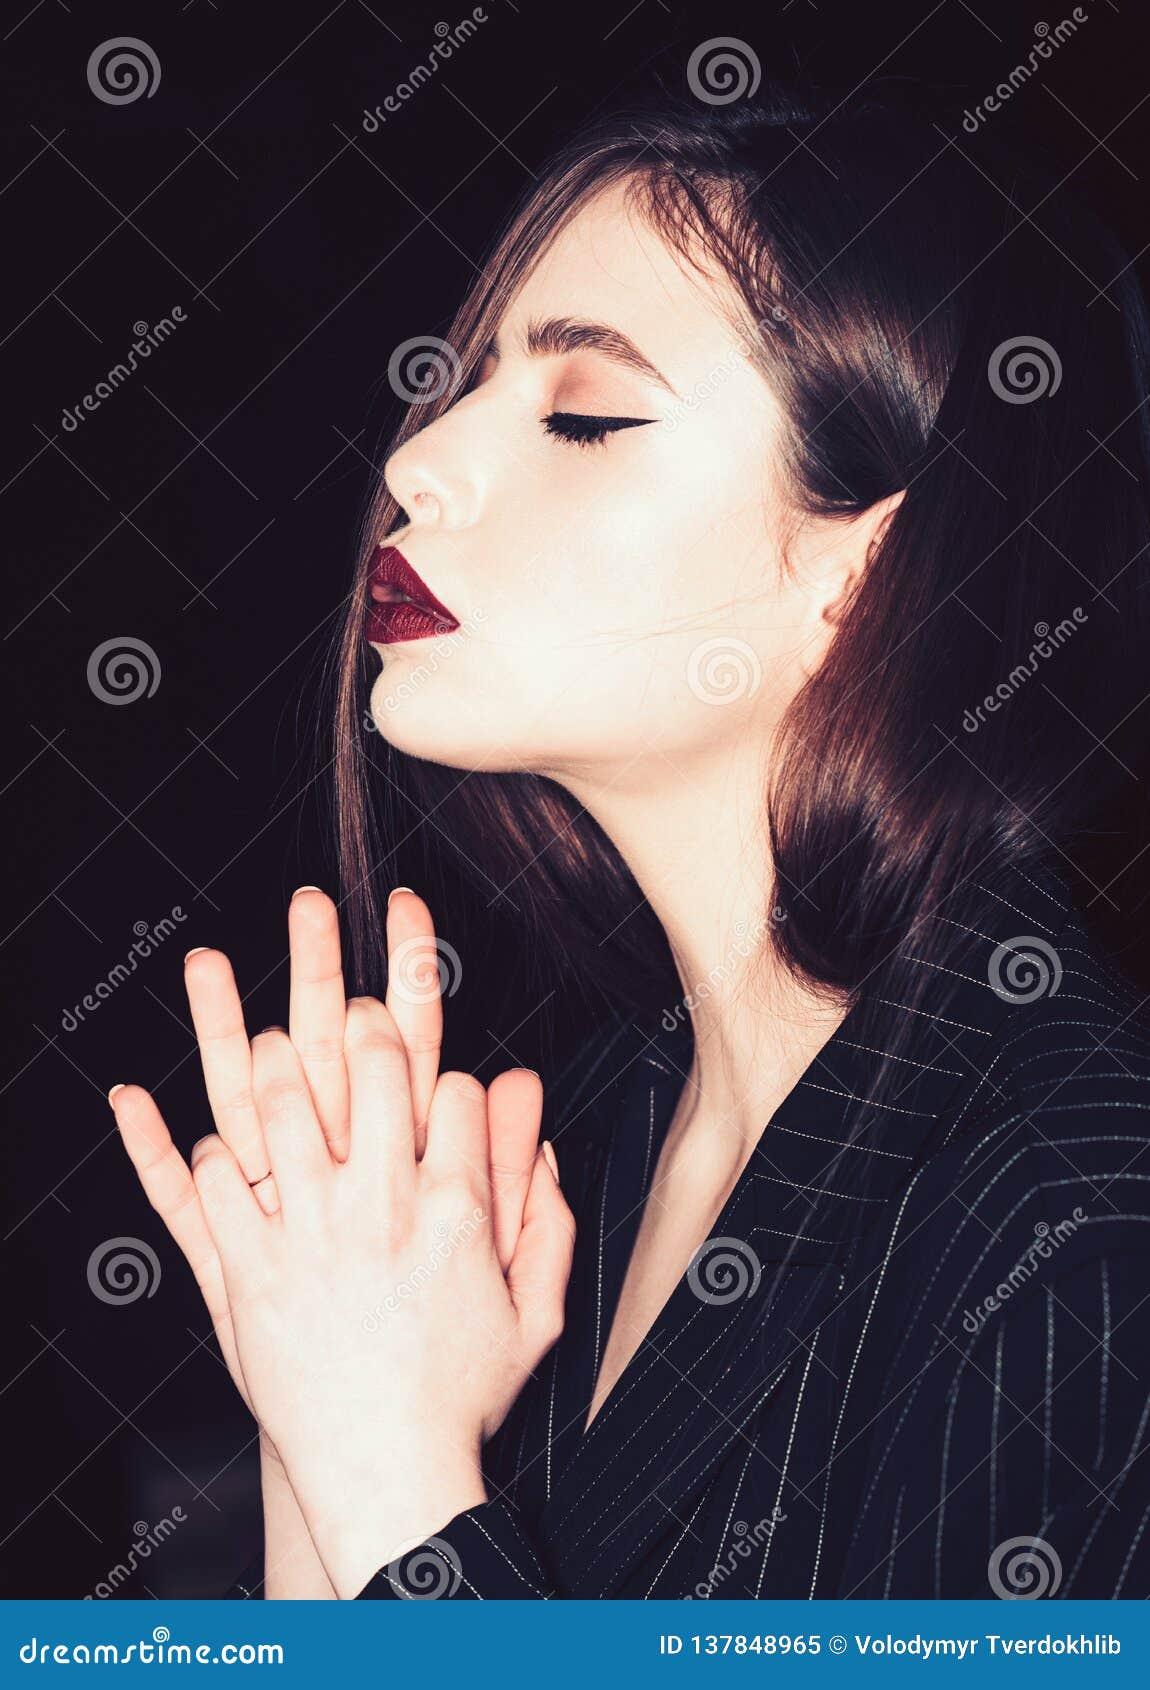 Modli się pojęcie i mieć_nadzieja Dziewczyna na spokojnej twarzy z zamkniętymi oczami w czarnej kurtce, czarny tło elegancka make